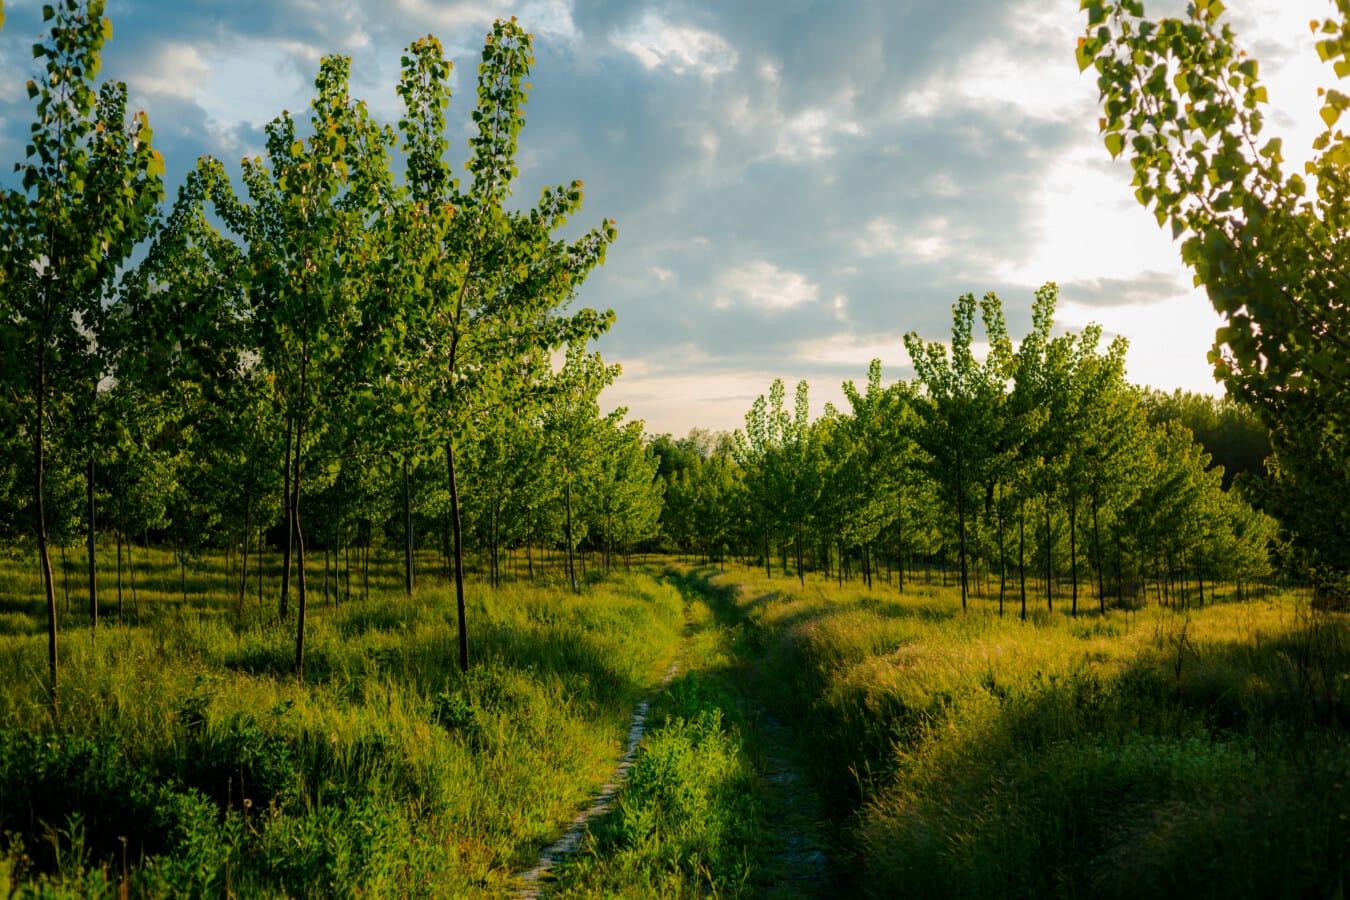 skogsstig, skogsväg, dagsljus, Solljus, våren, ljusa, träd, lövverk, ekosystem, poppel